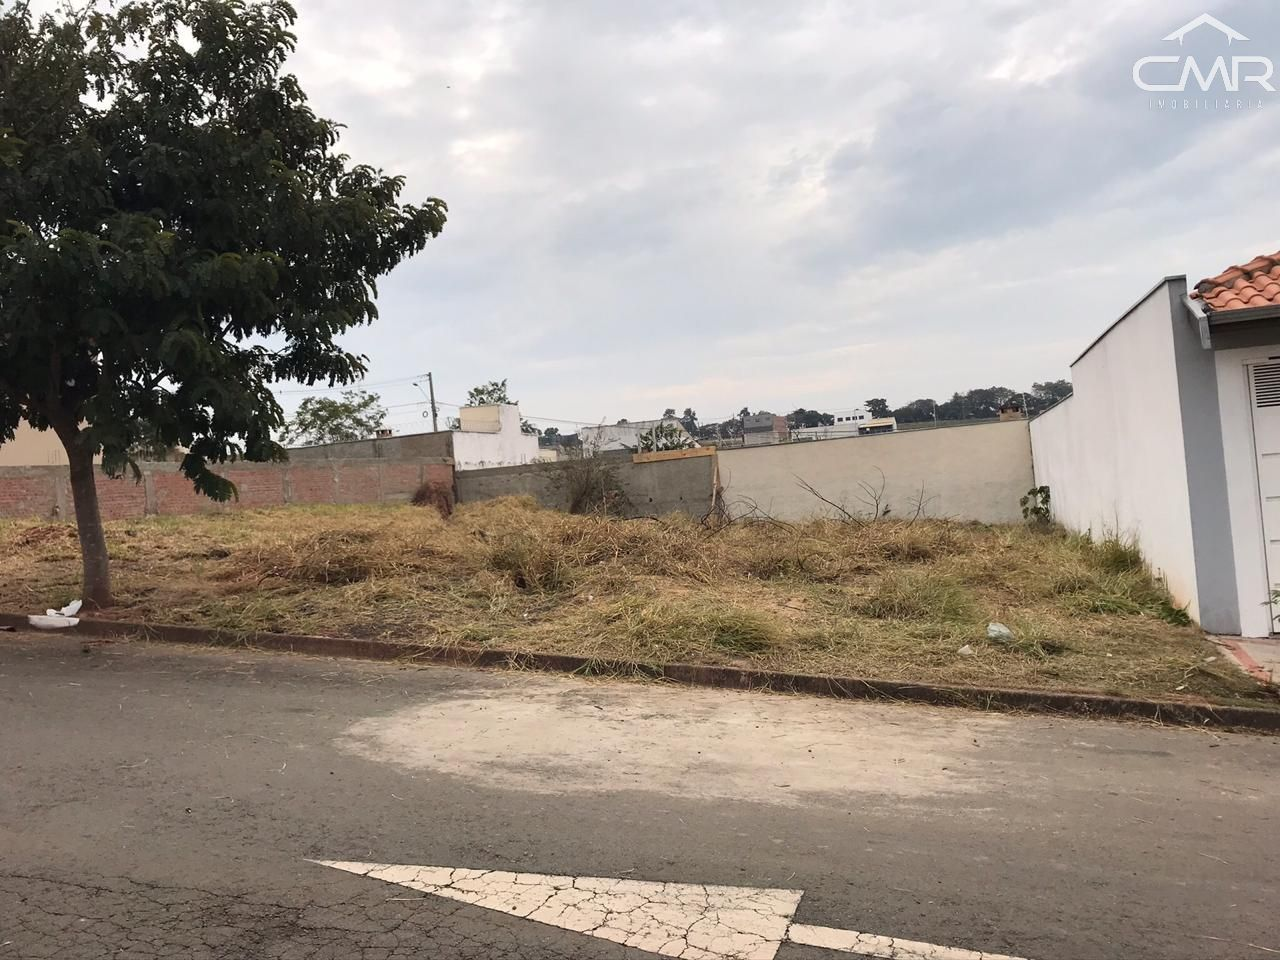 Terreno/Lote à venda  no Residencial Alto da Boa Vista - Piracicaba, SP. Imóveis